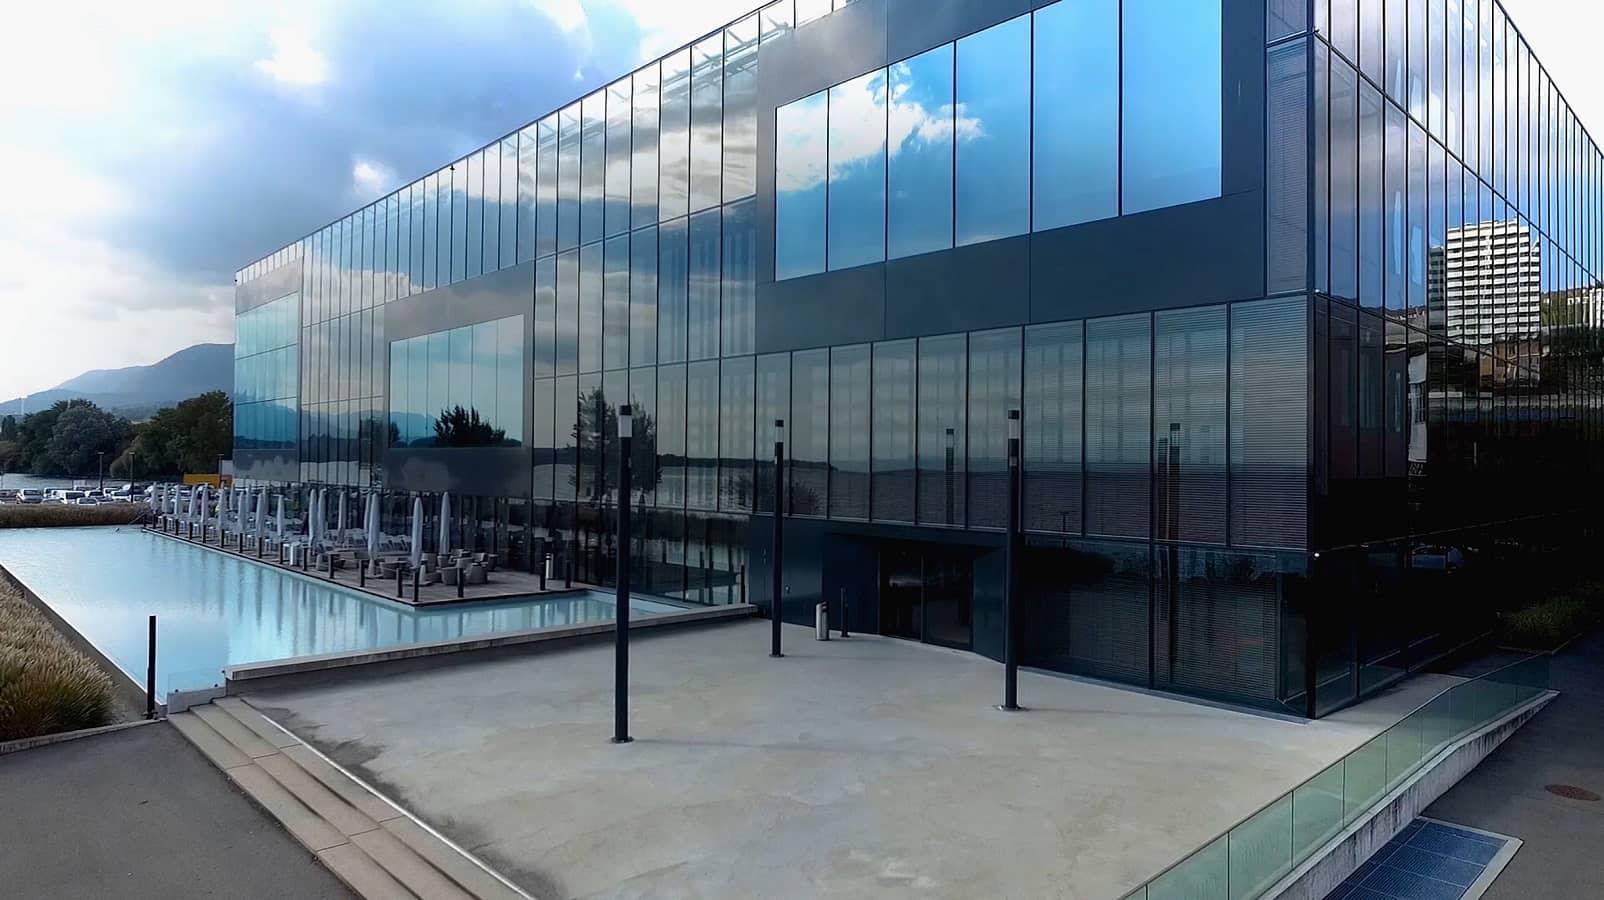 pmi's cube facility in switzerland